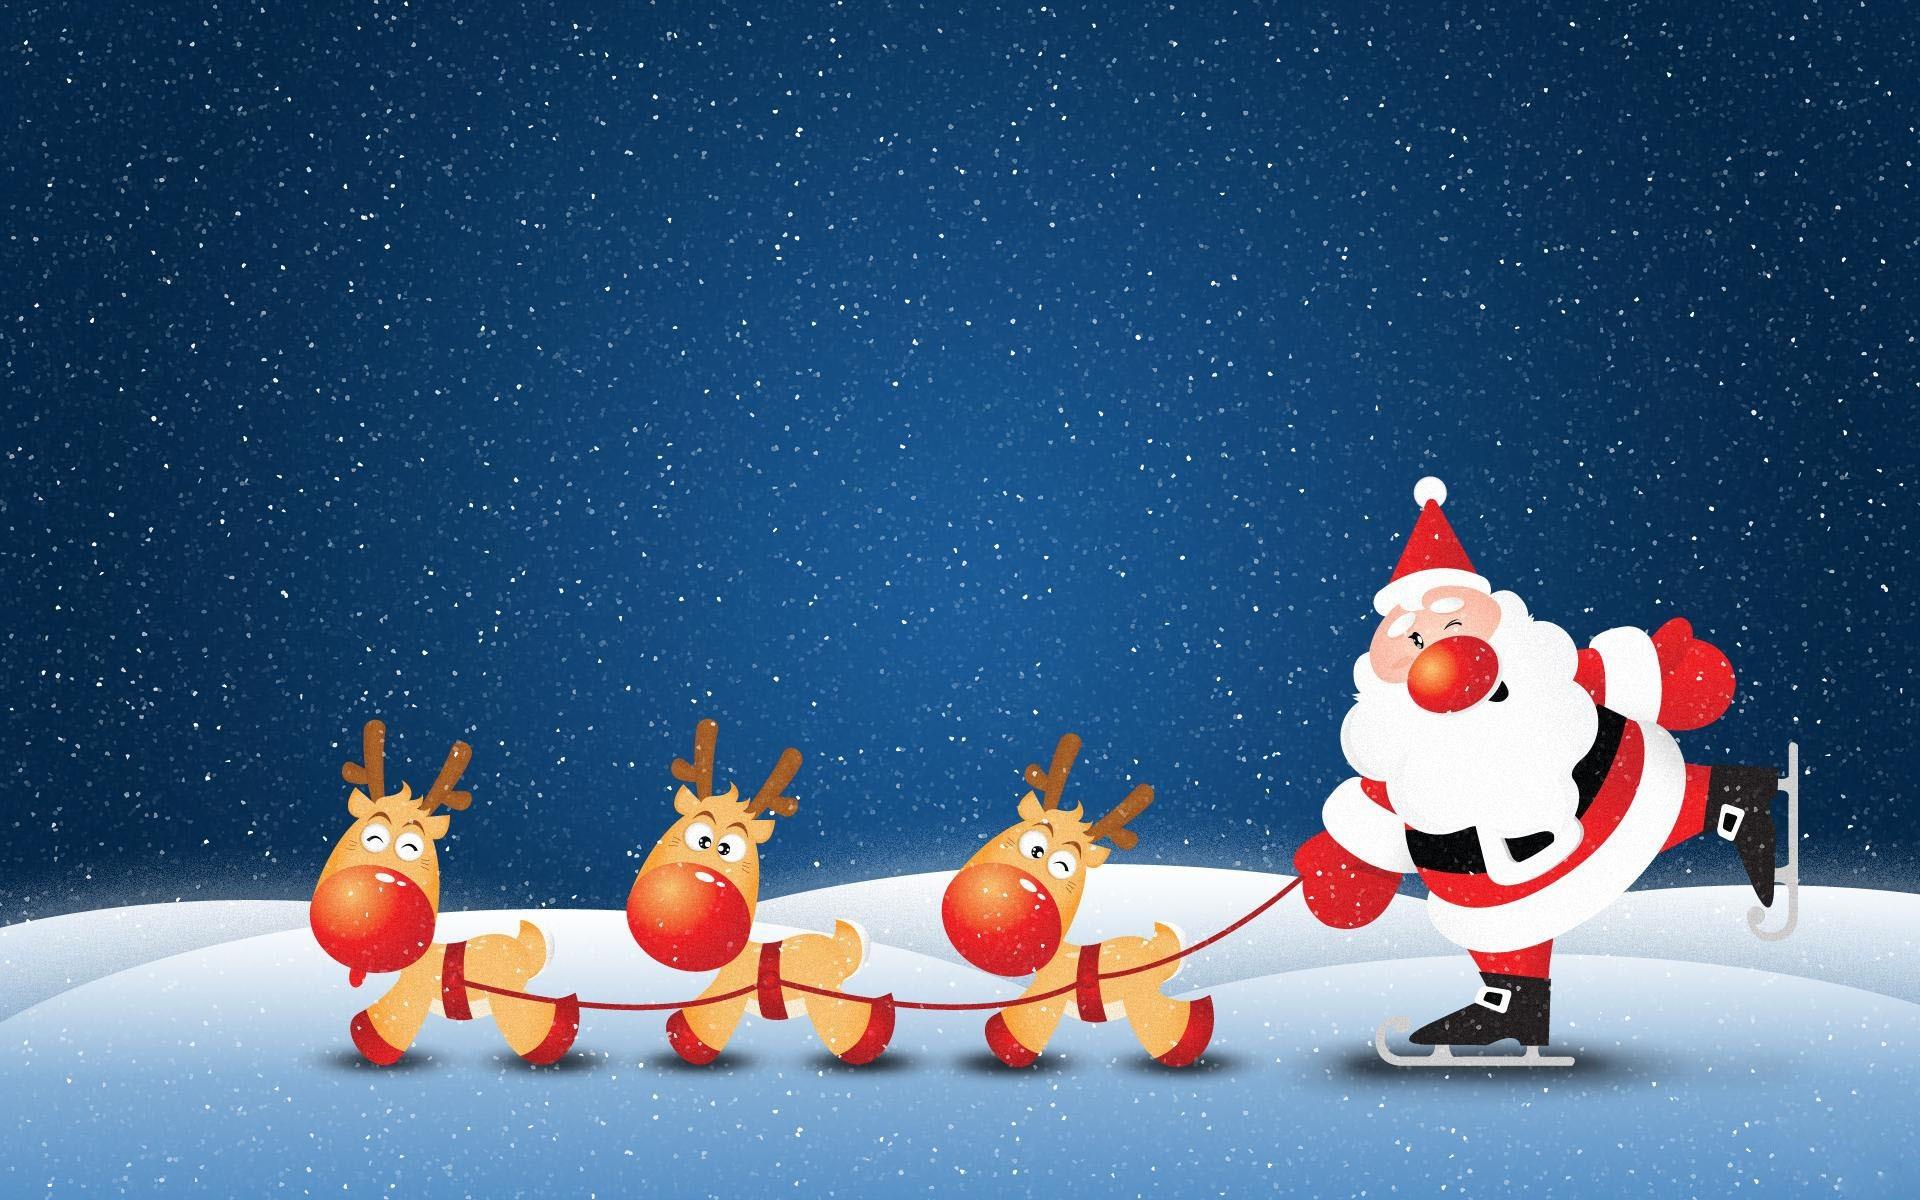 Wallpaper clipart santa claus Daily hd wallpapers clipart santa